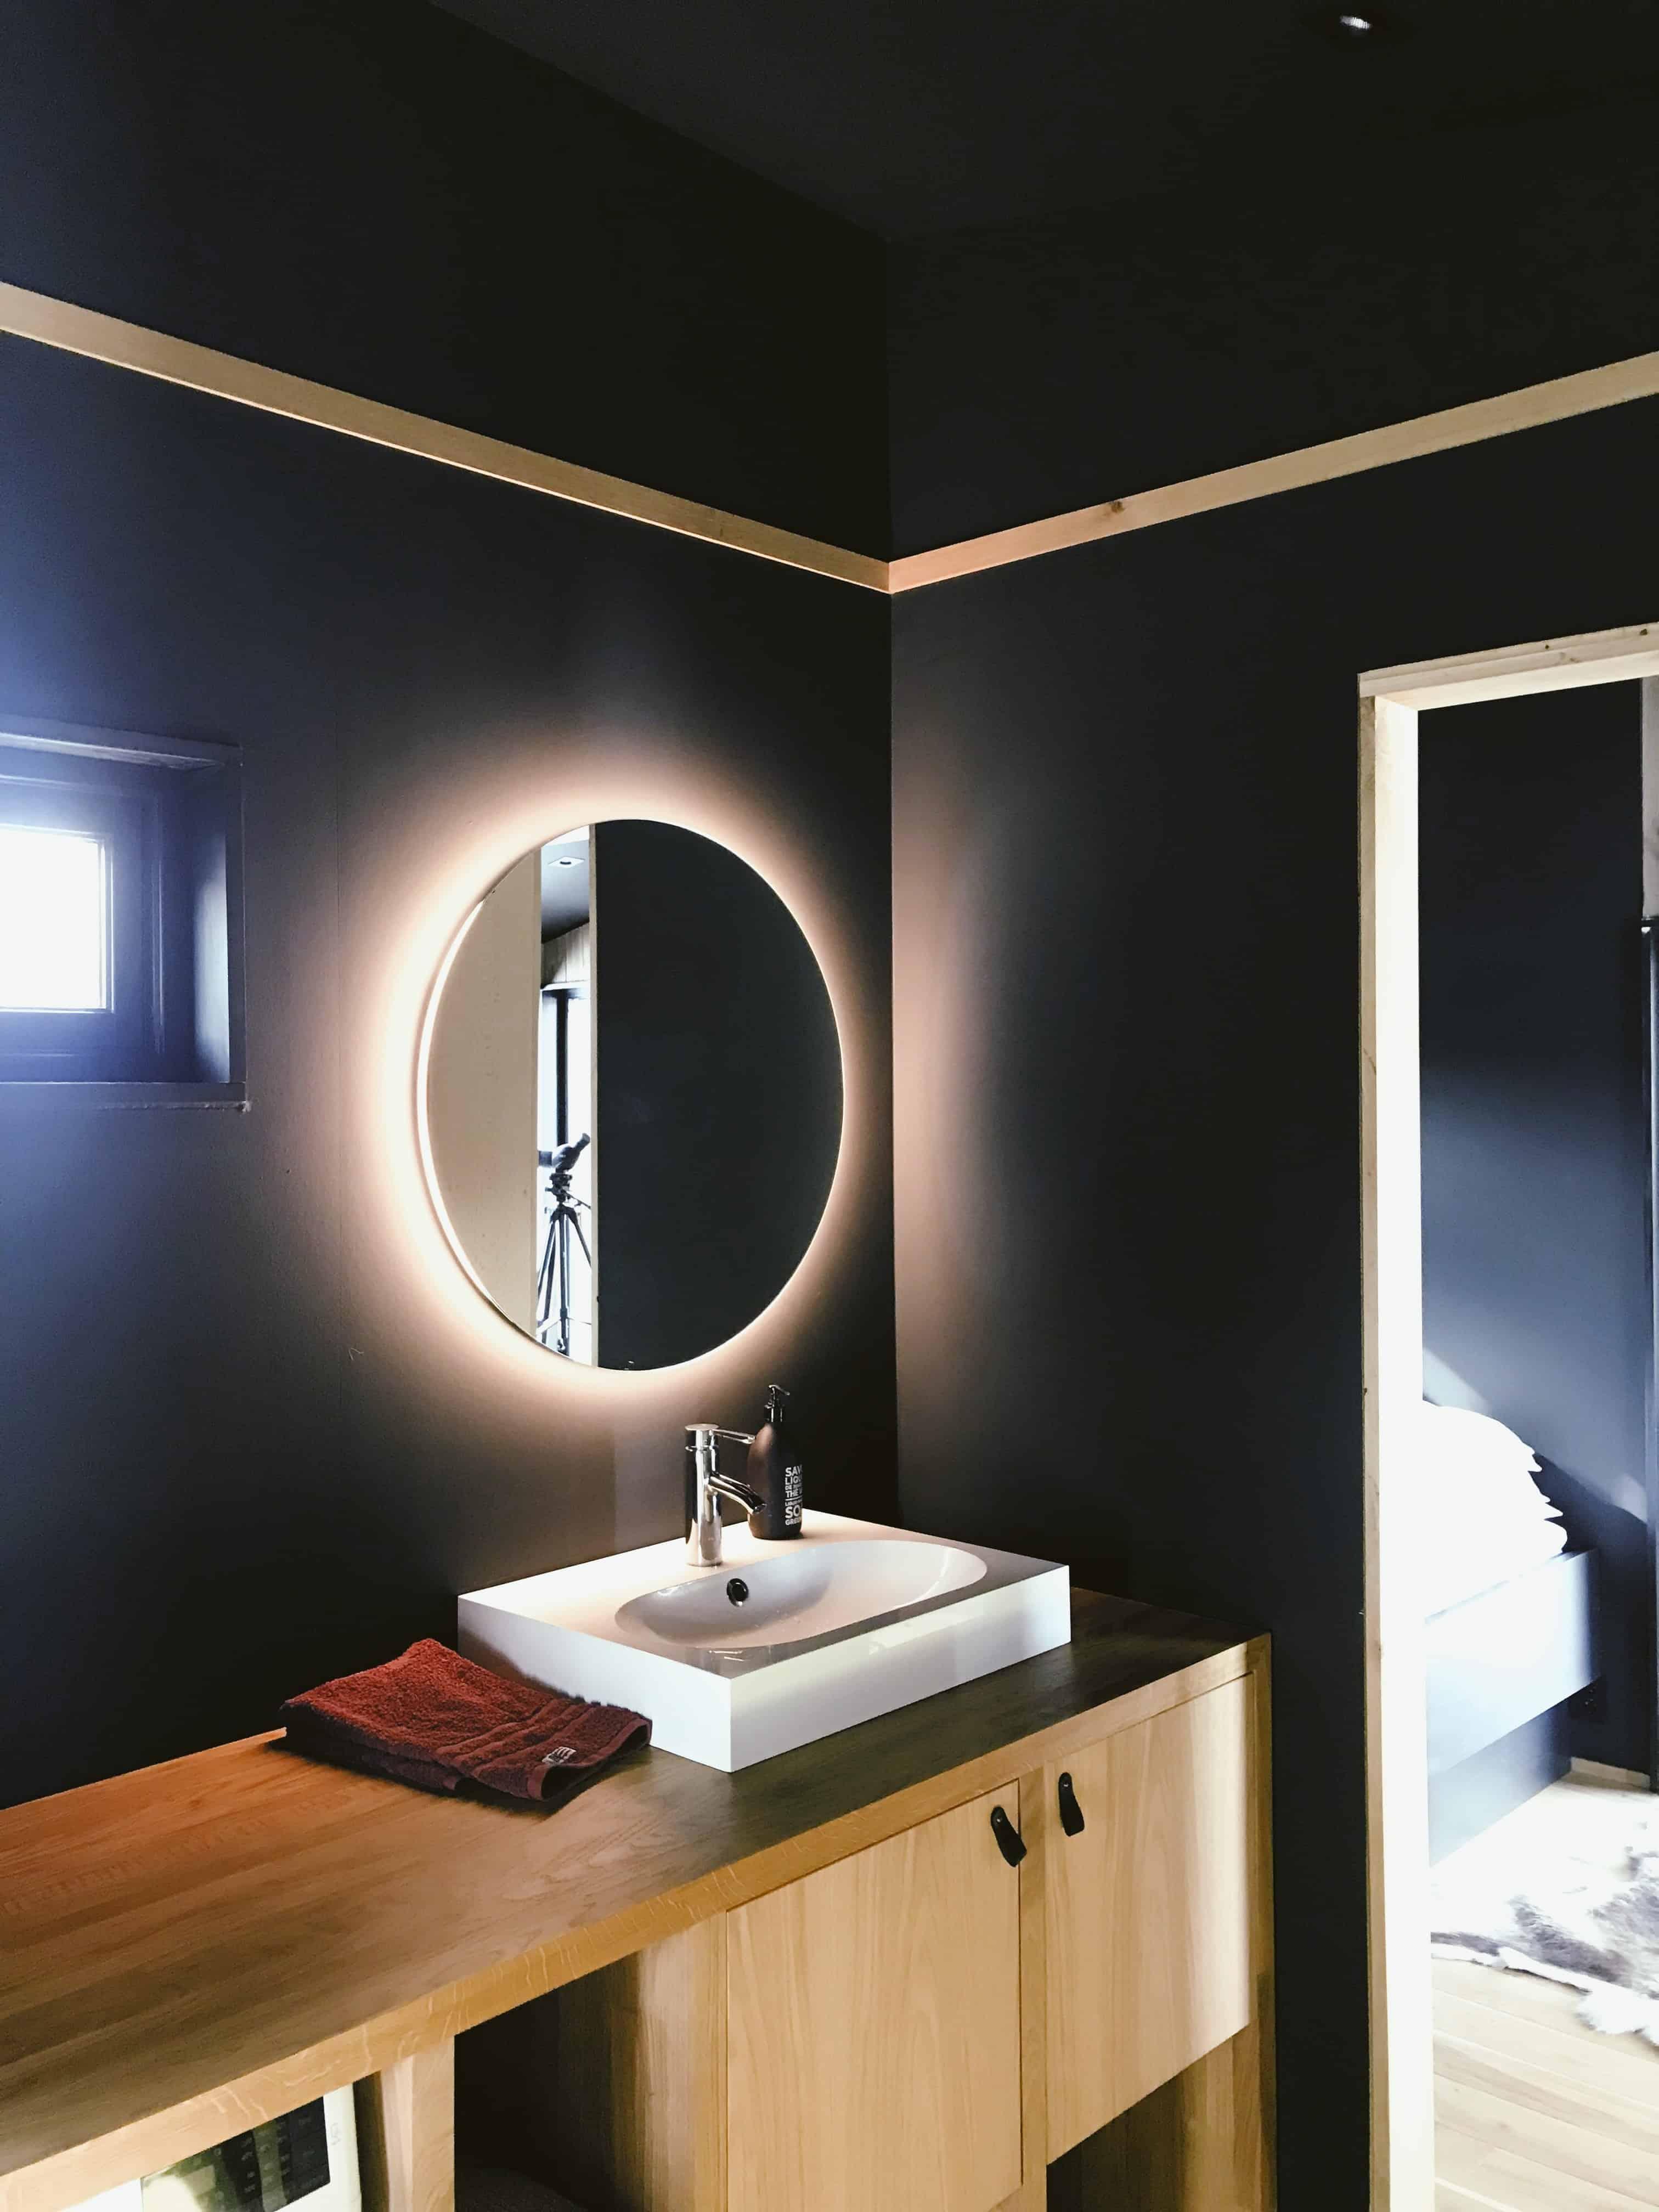 Oglinda de baie ovala montata direct pe perete, intr-o baie cu pereti negri si mobilier maro deschis, din care se vede un colt de dormitor si patul